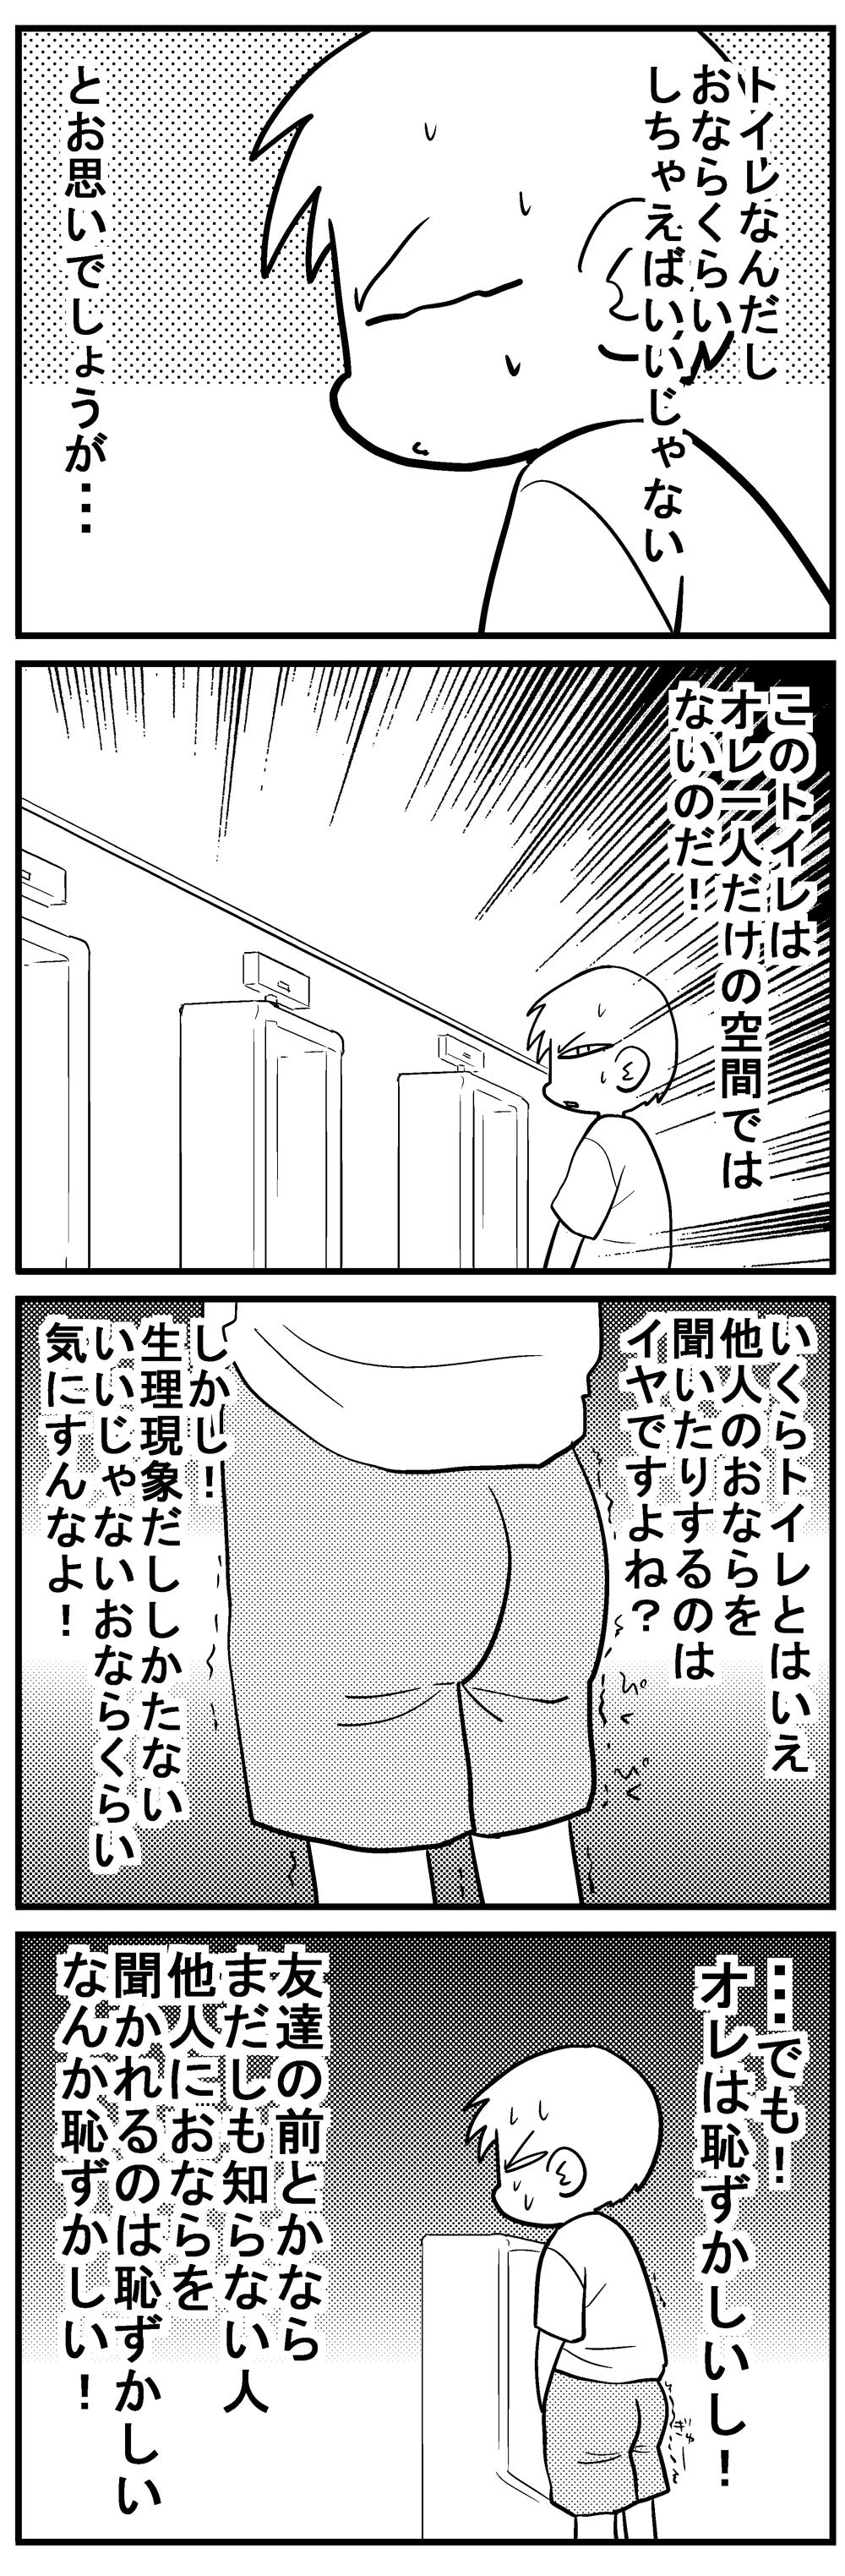 深読みくん58-2